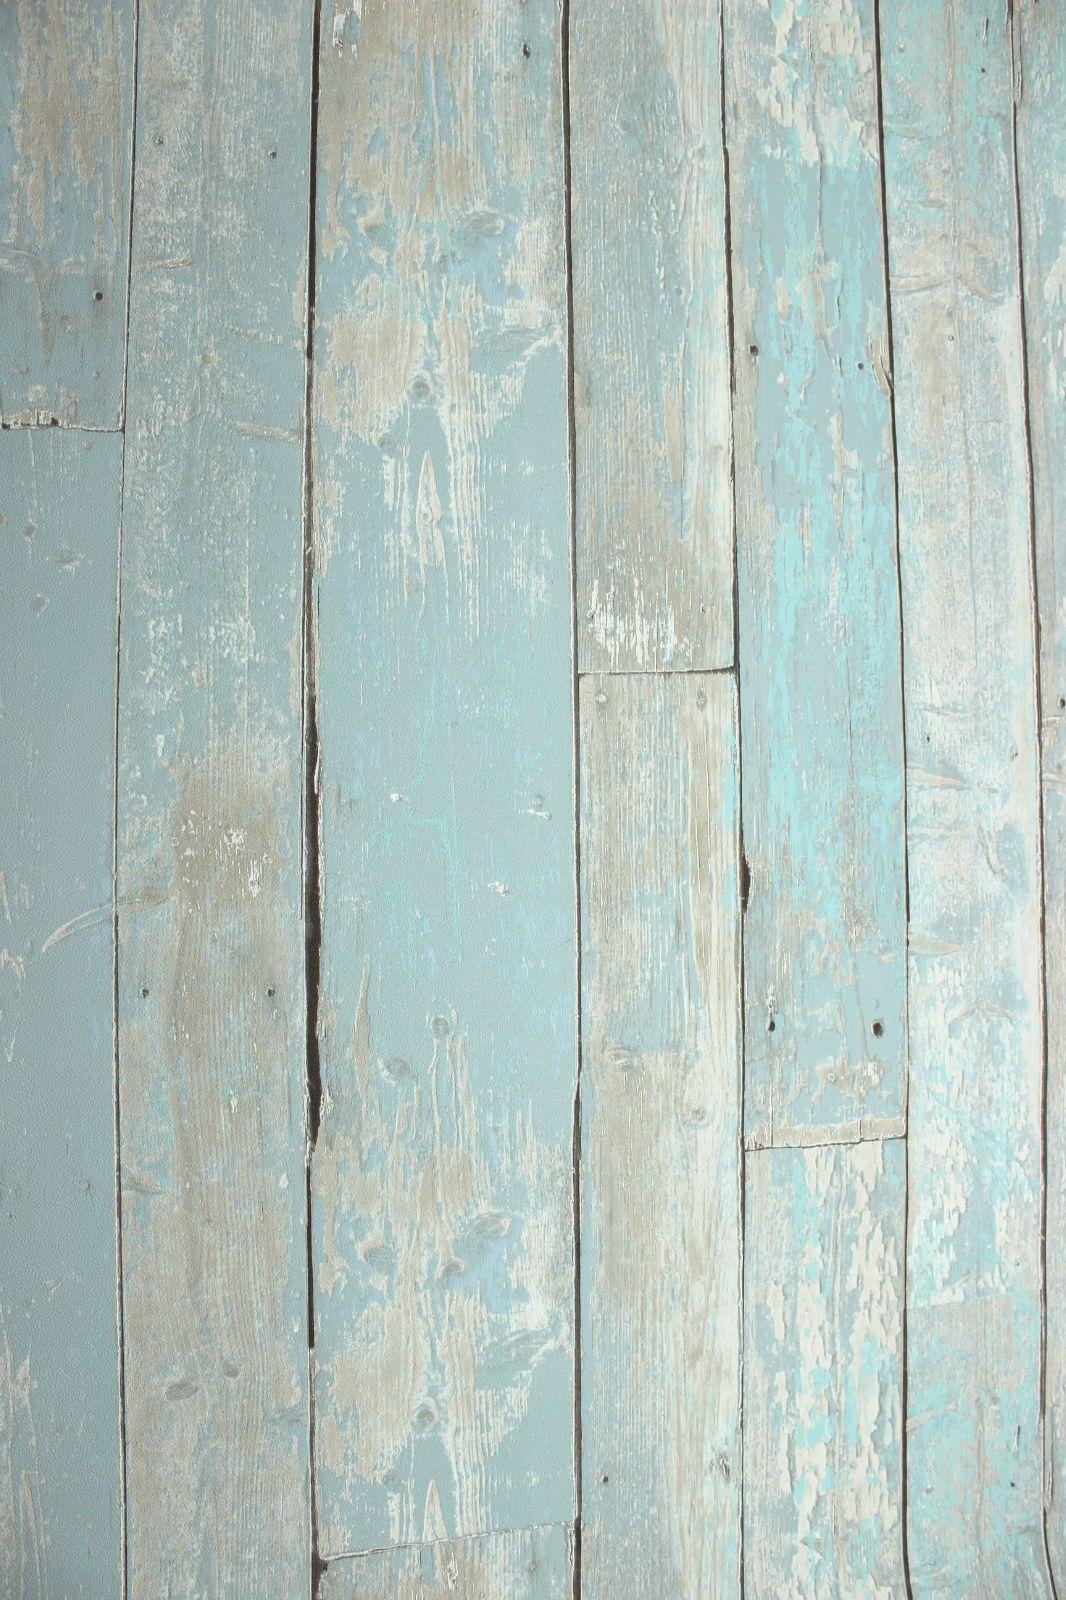 details about vlies tapete antik holz rustikal blau türkis beige ... - Wohnzimmer Tapete Blau